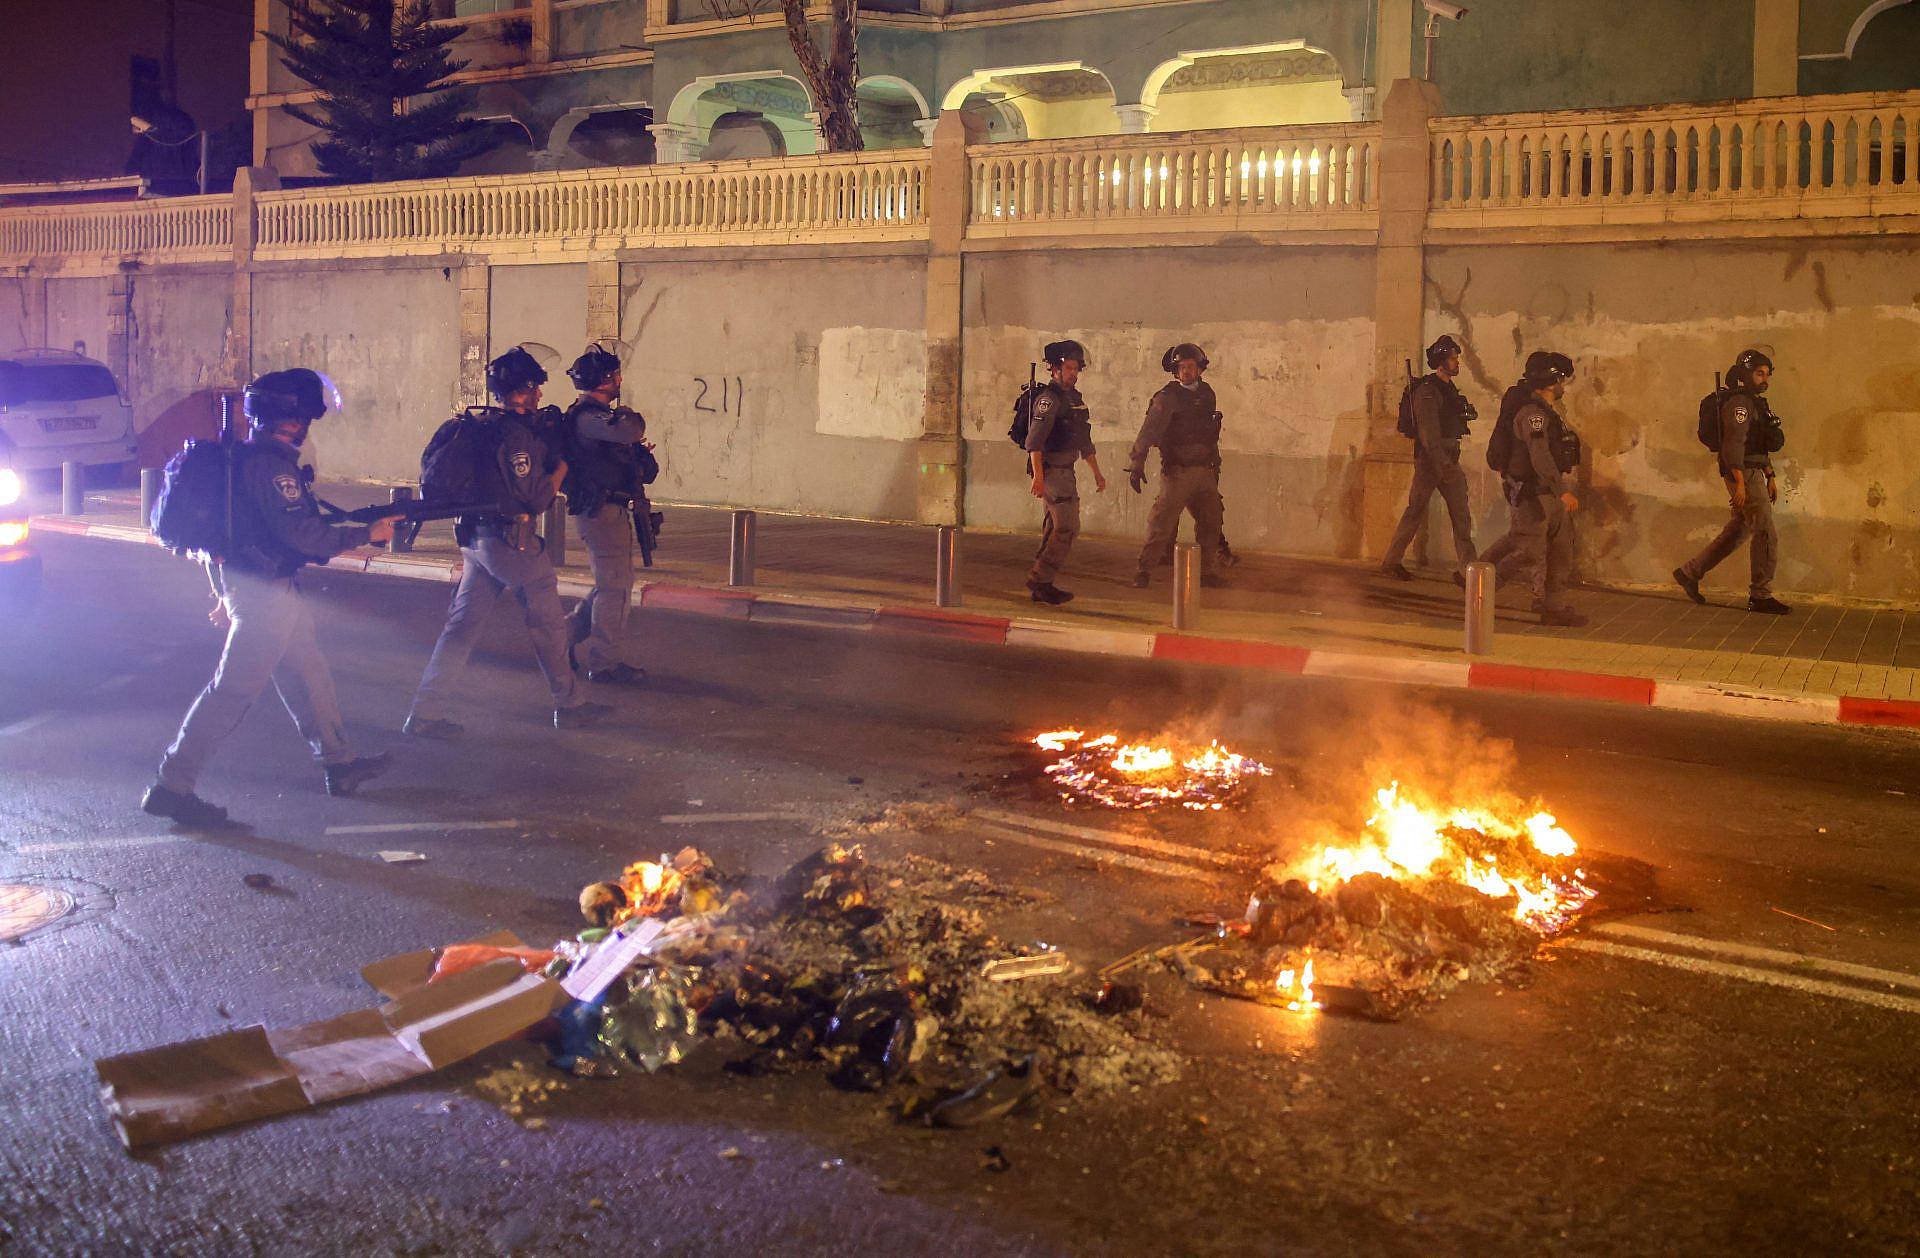 """חיילי מג""""ב ומתנחלים יקבעו מה יהיה בתל אביב? המהומות ביפו, אפריל 2021 (צילום: אחמד ג'רבלי\AFP\גטי אימג'ס)"""